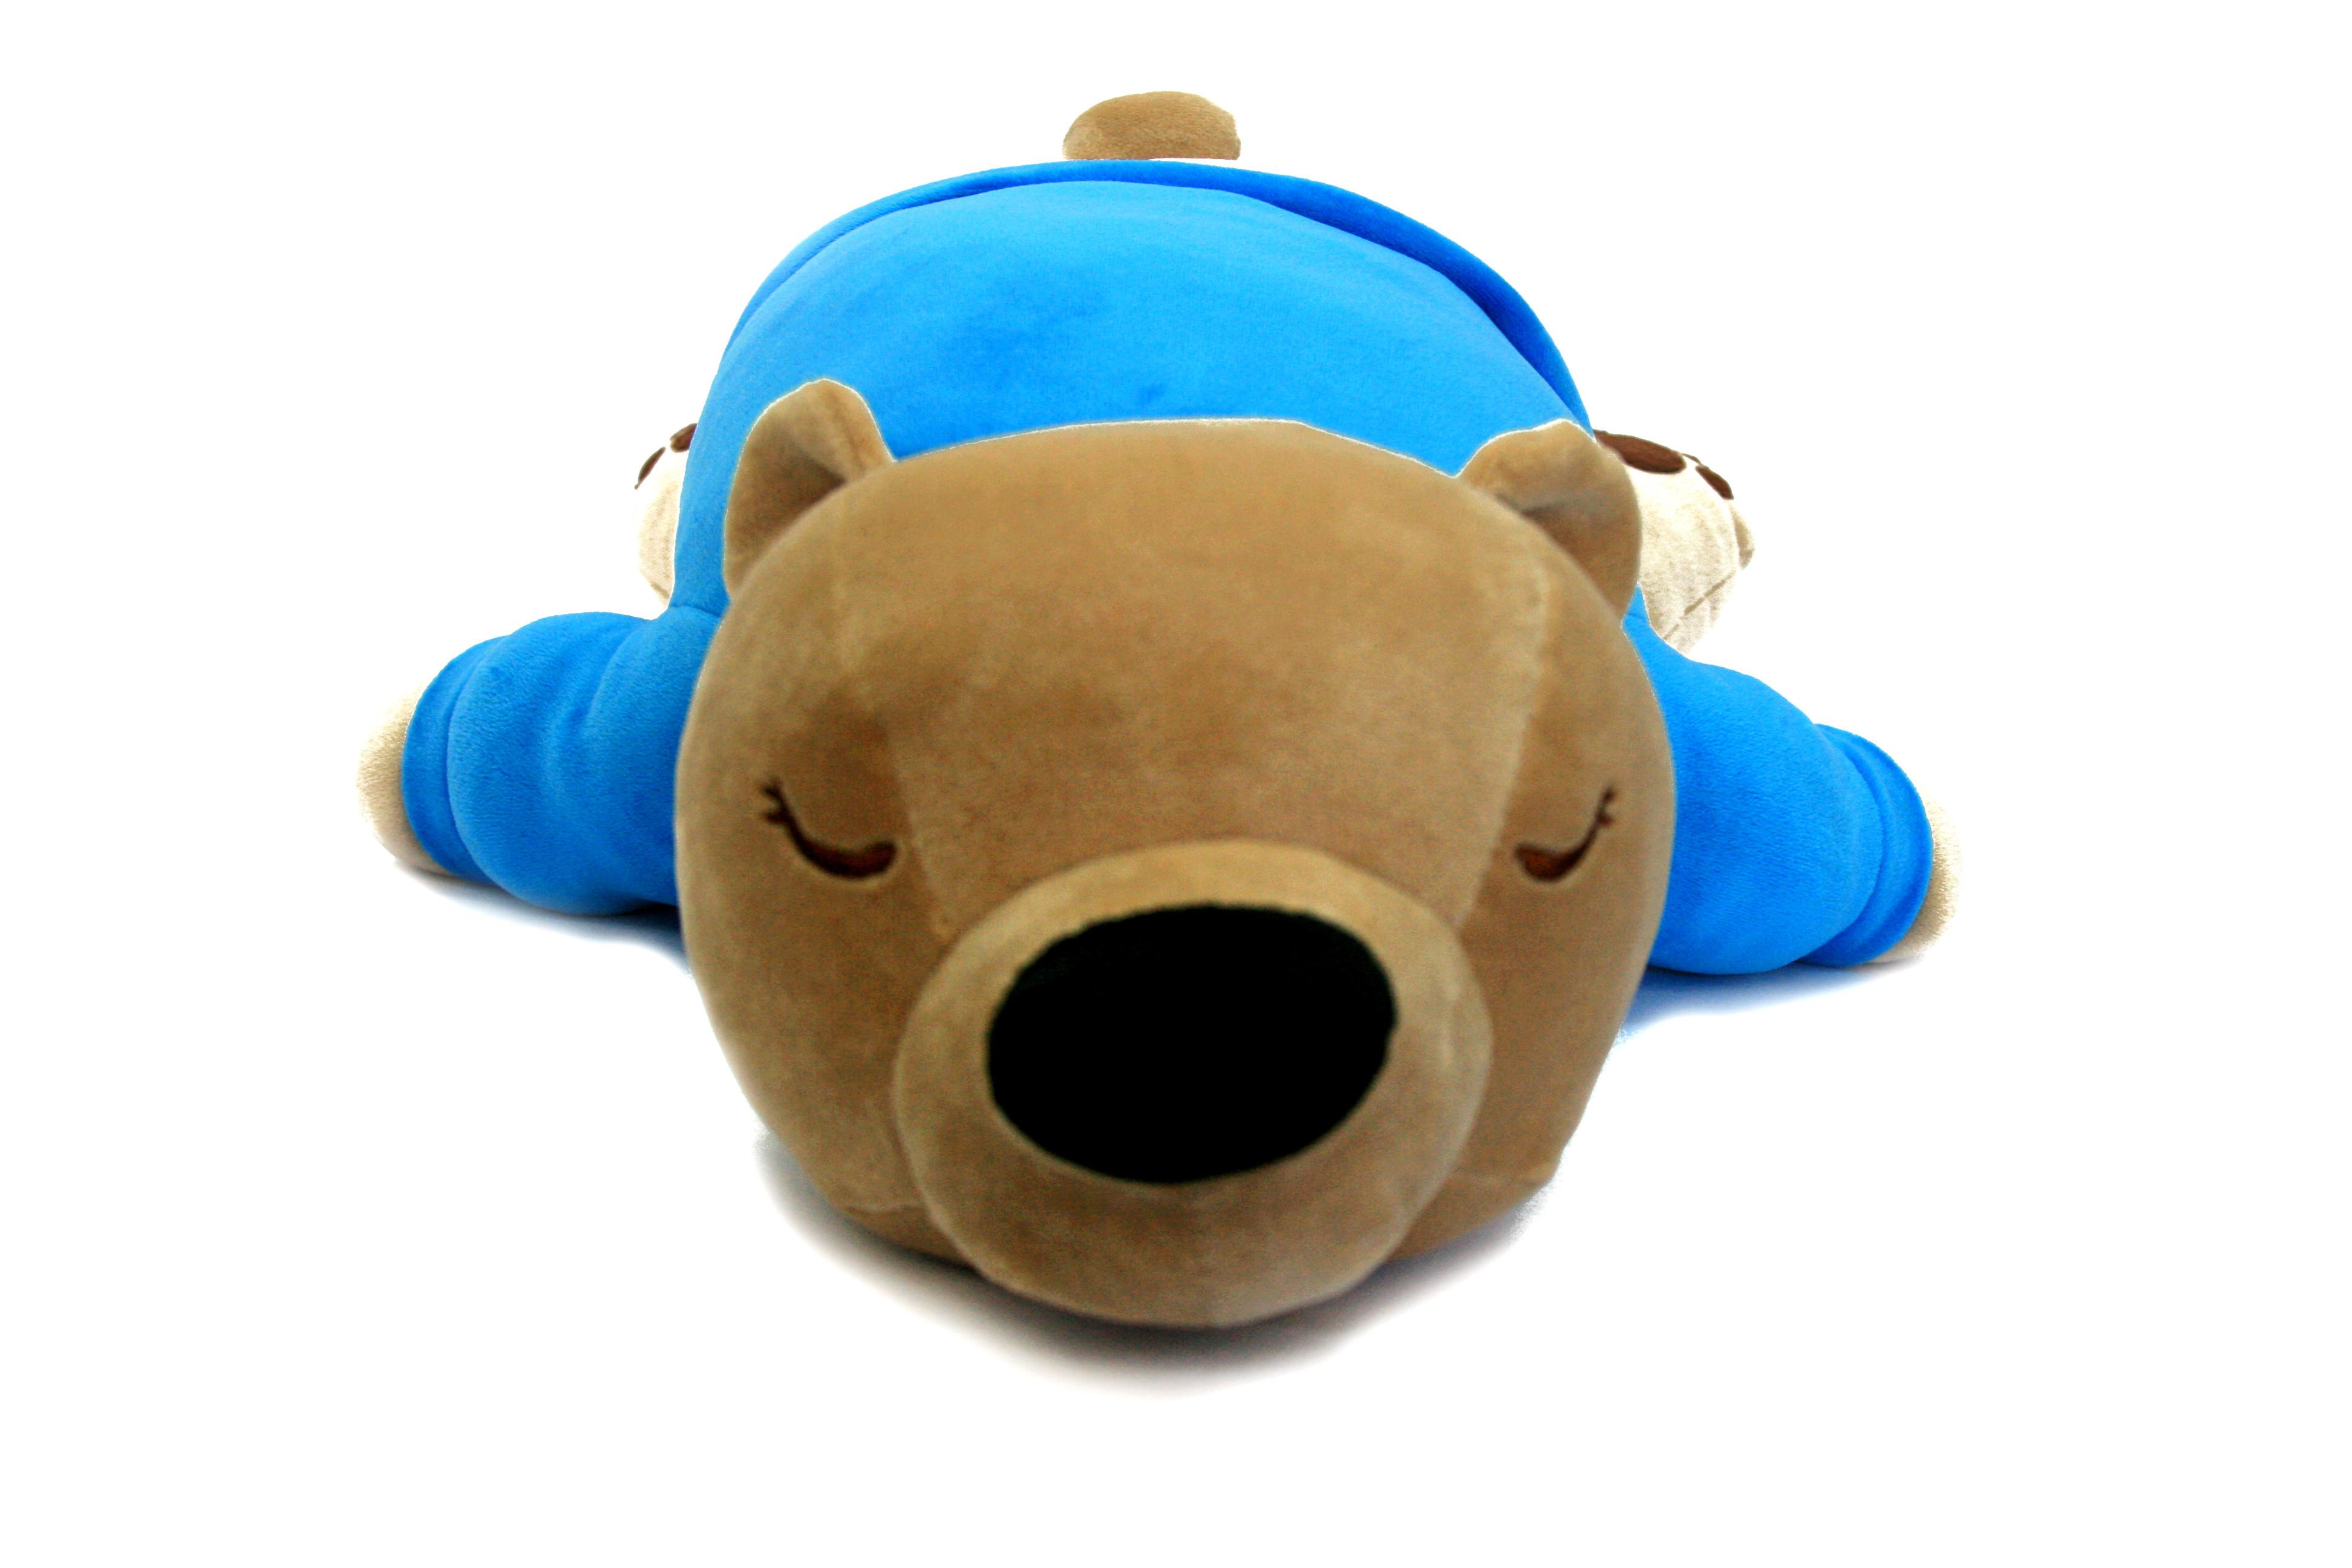 Мягкие игрушки СмолТойс Мягкая игрушка СмолТойс «Медвежонок Лежебока» 57 см